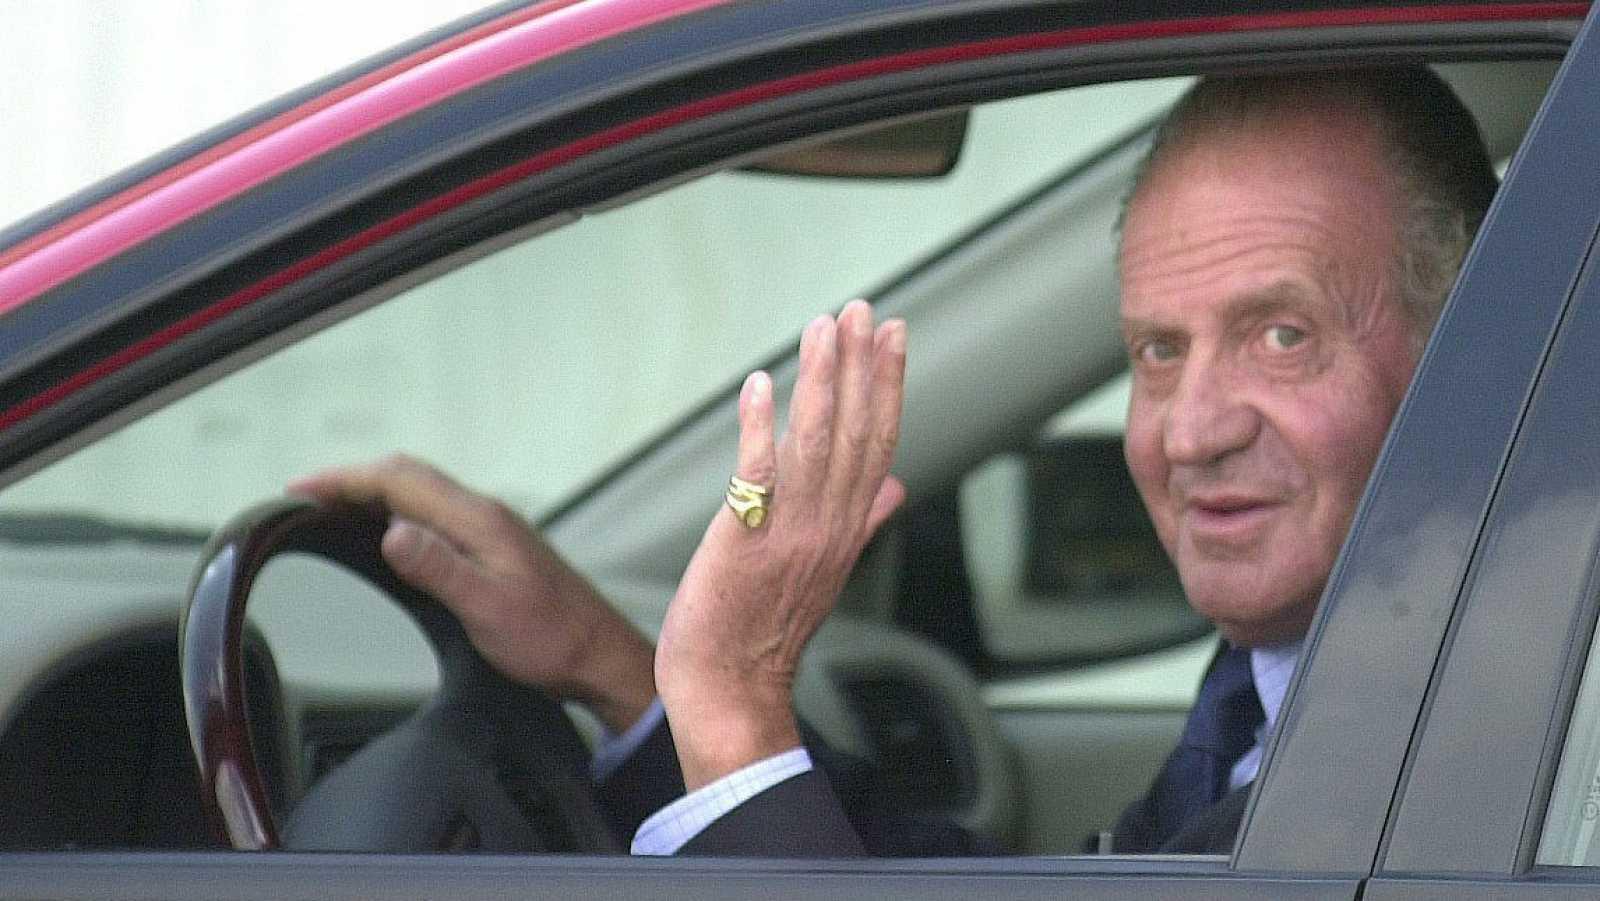 Ir al VideoLa Fiscalía ve indicios de delito en el presunto cobro de comisiones internacionales por parte de Juan Carlos I